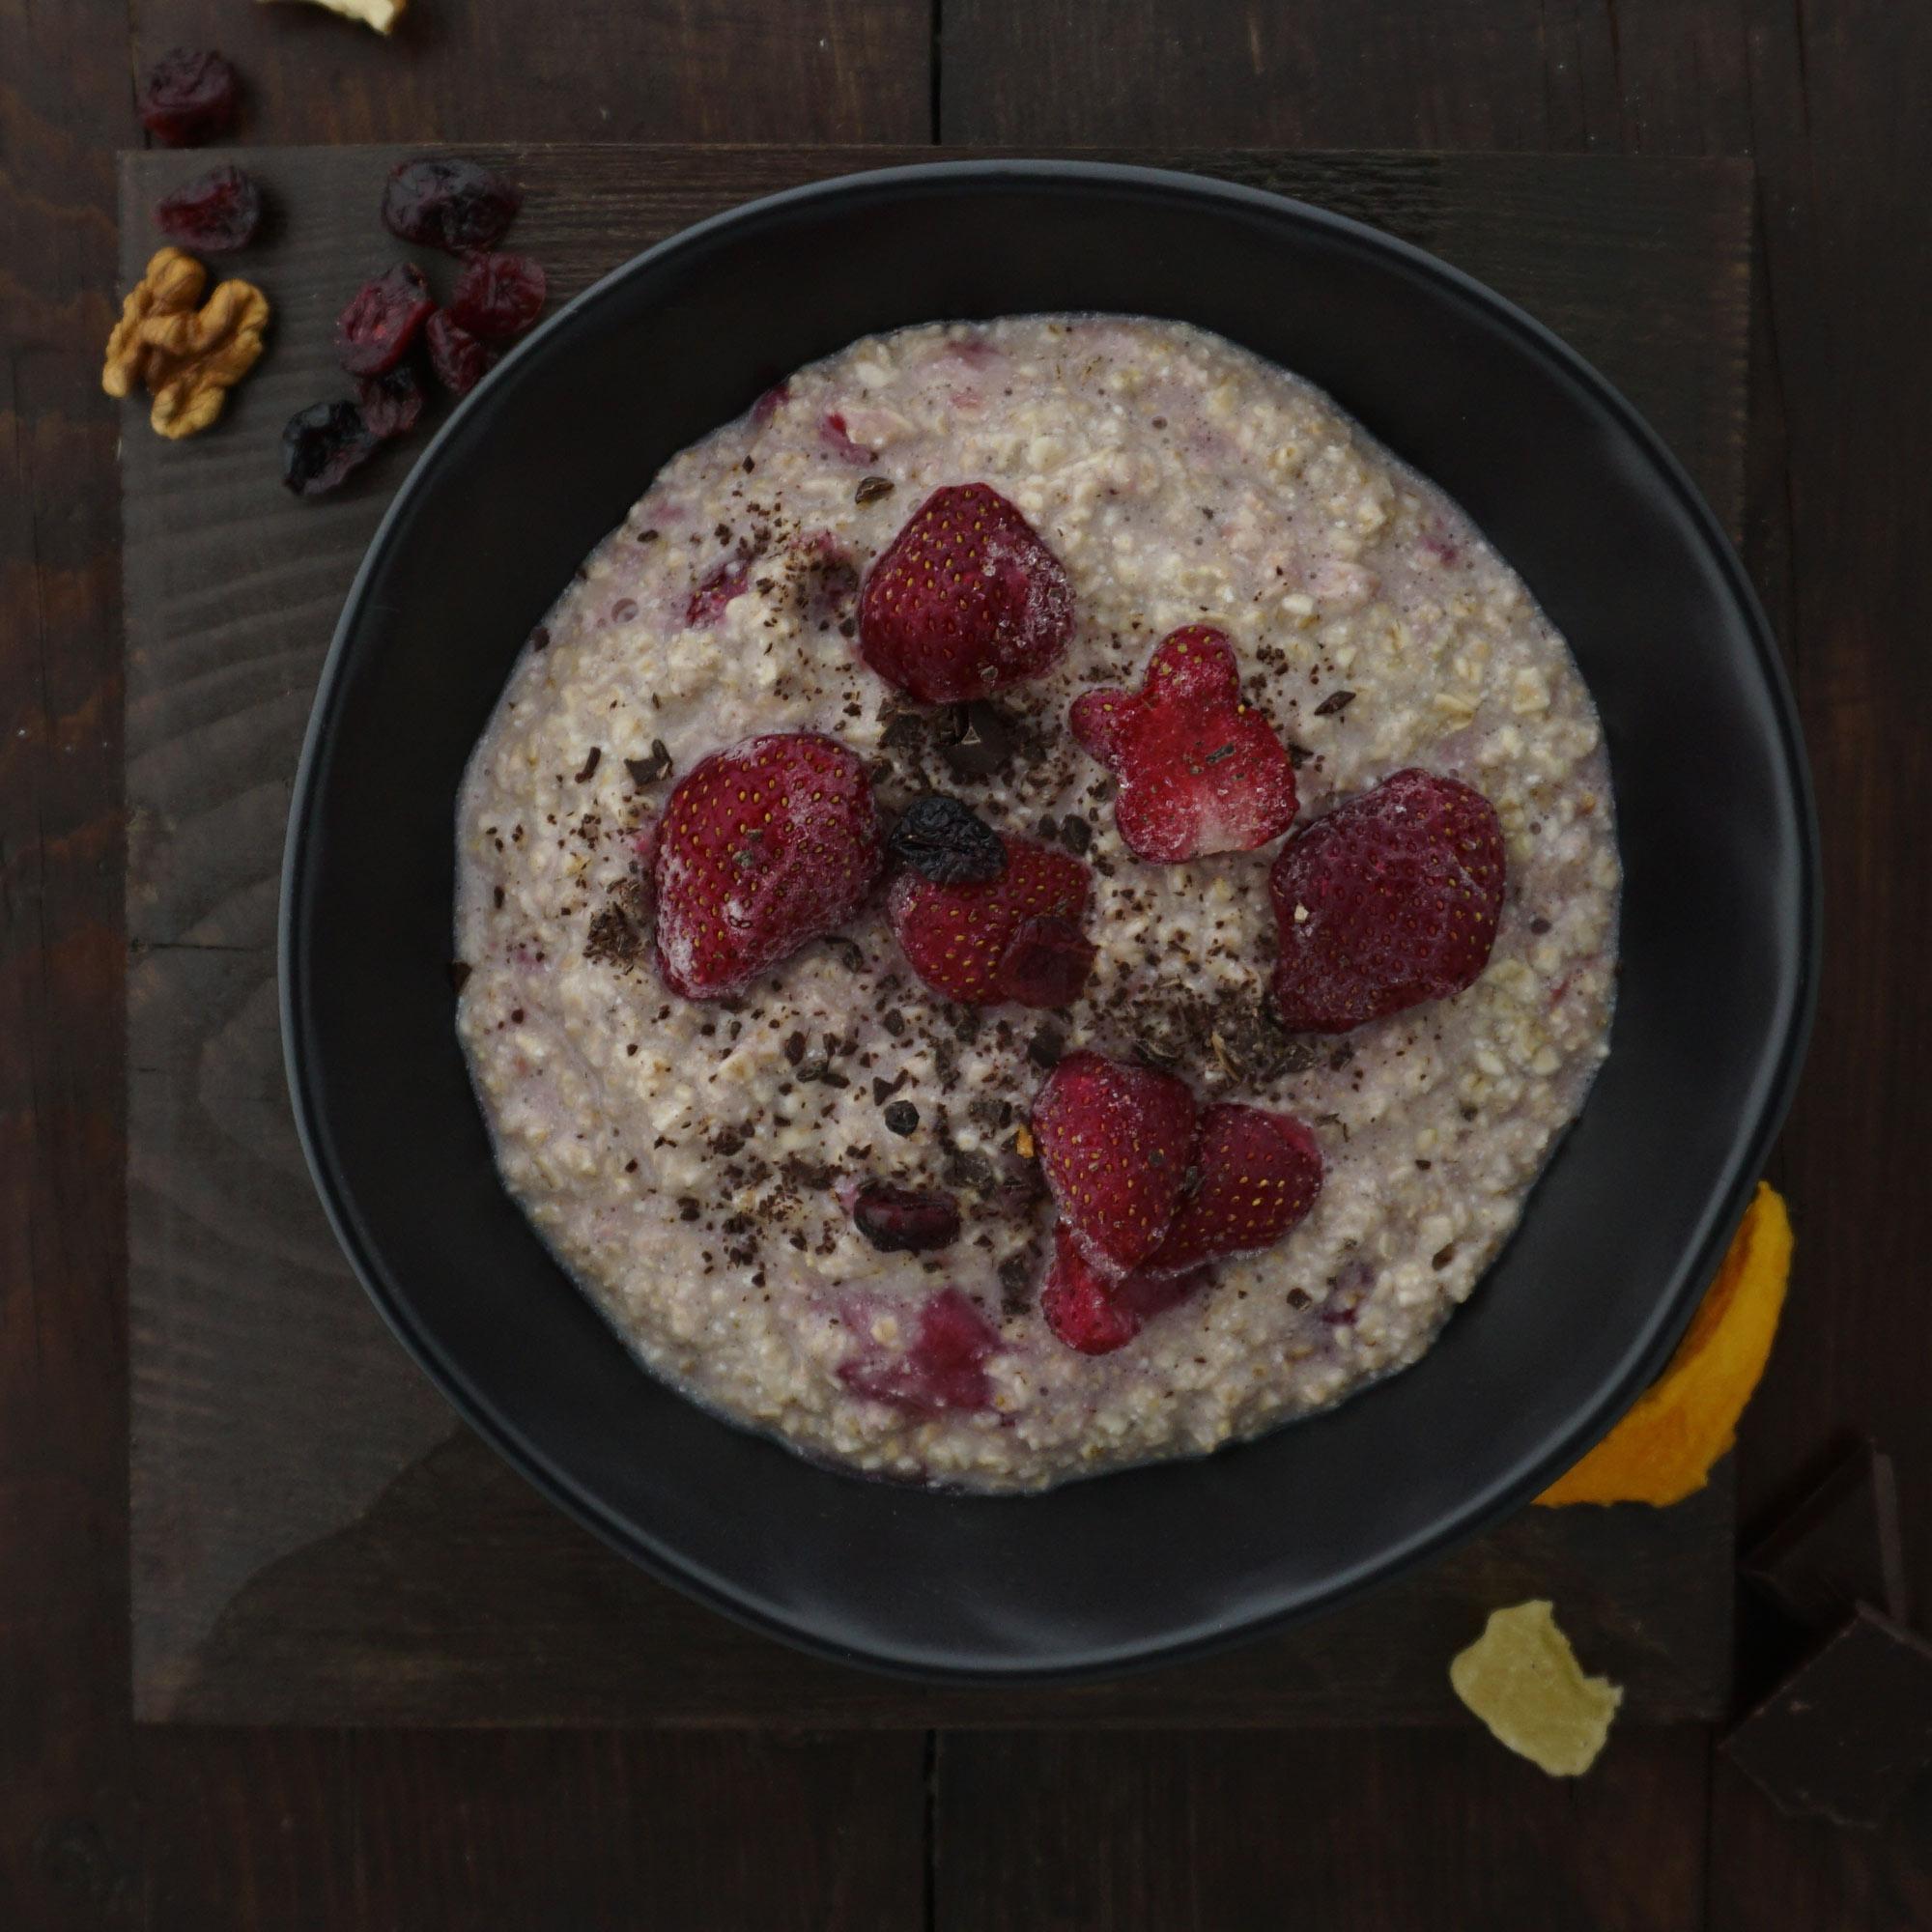 Porridge als proteinreiches Frühstück.